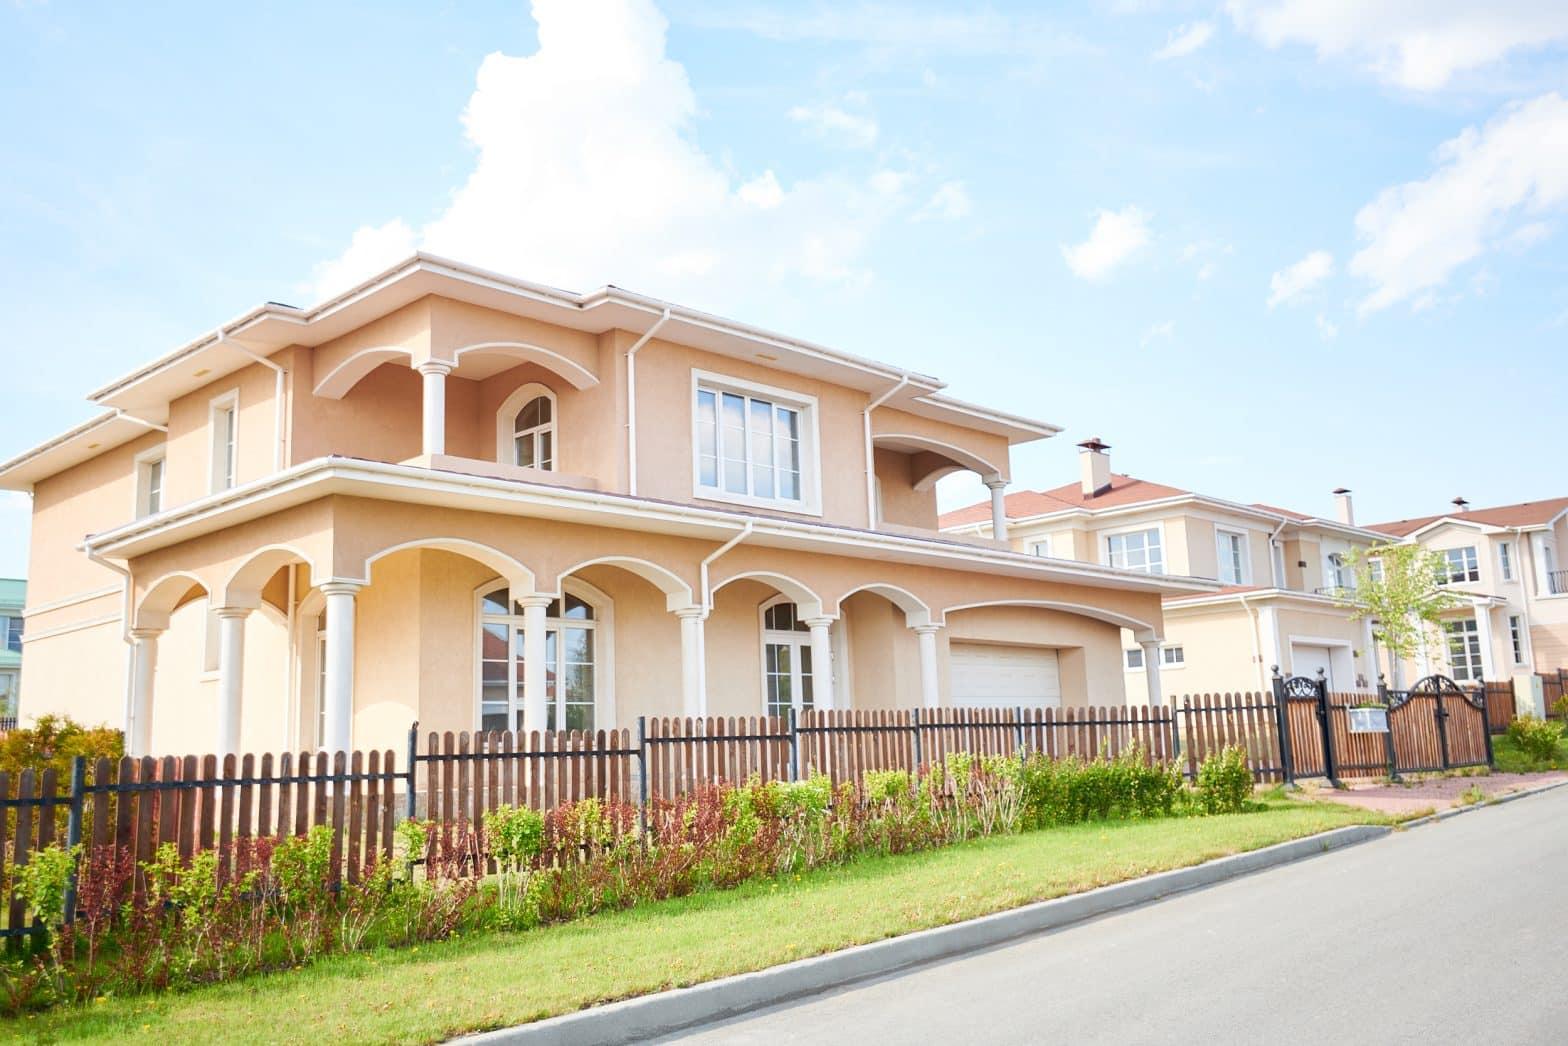 cuanto cuesta reformar una casa de 300 metros cuadrados